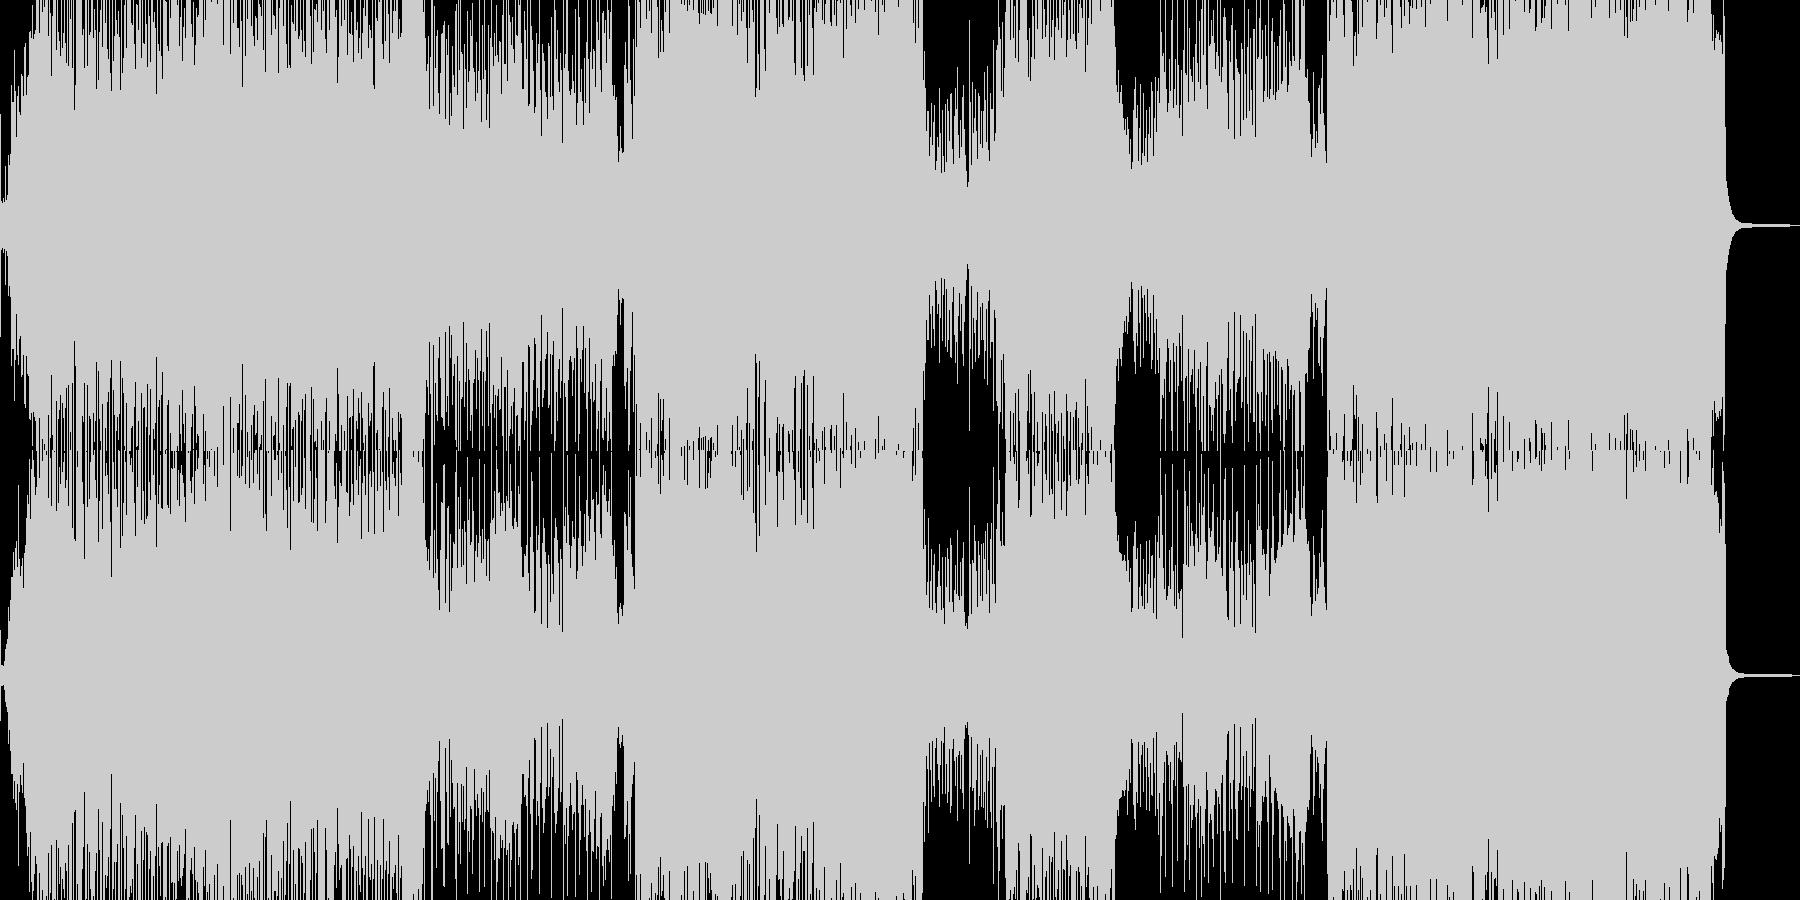 琴・尺八・全速力な演歌調ロックの未再生の波形